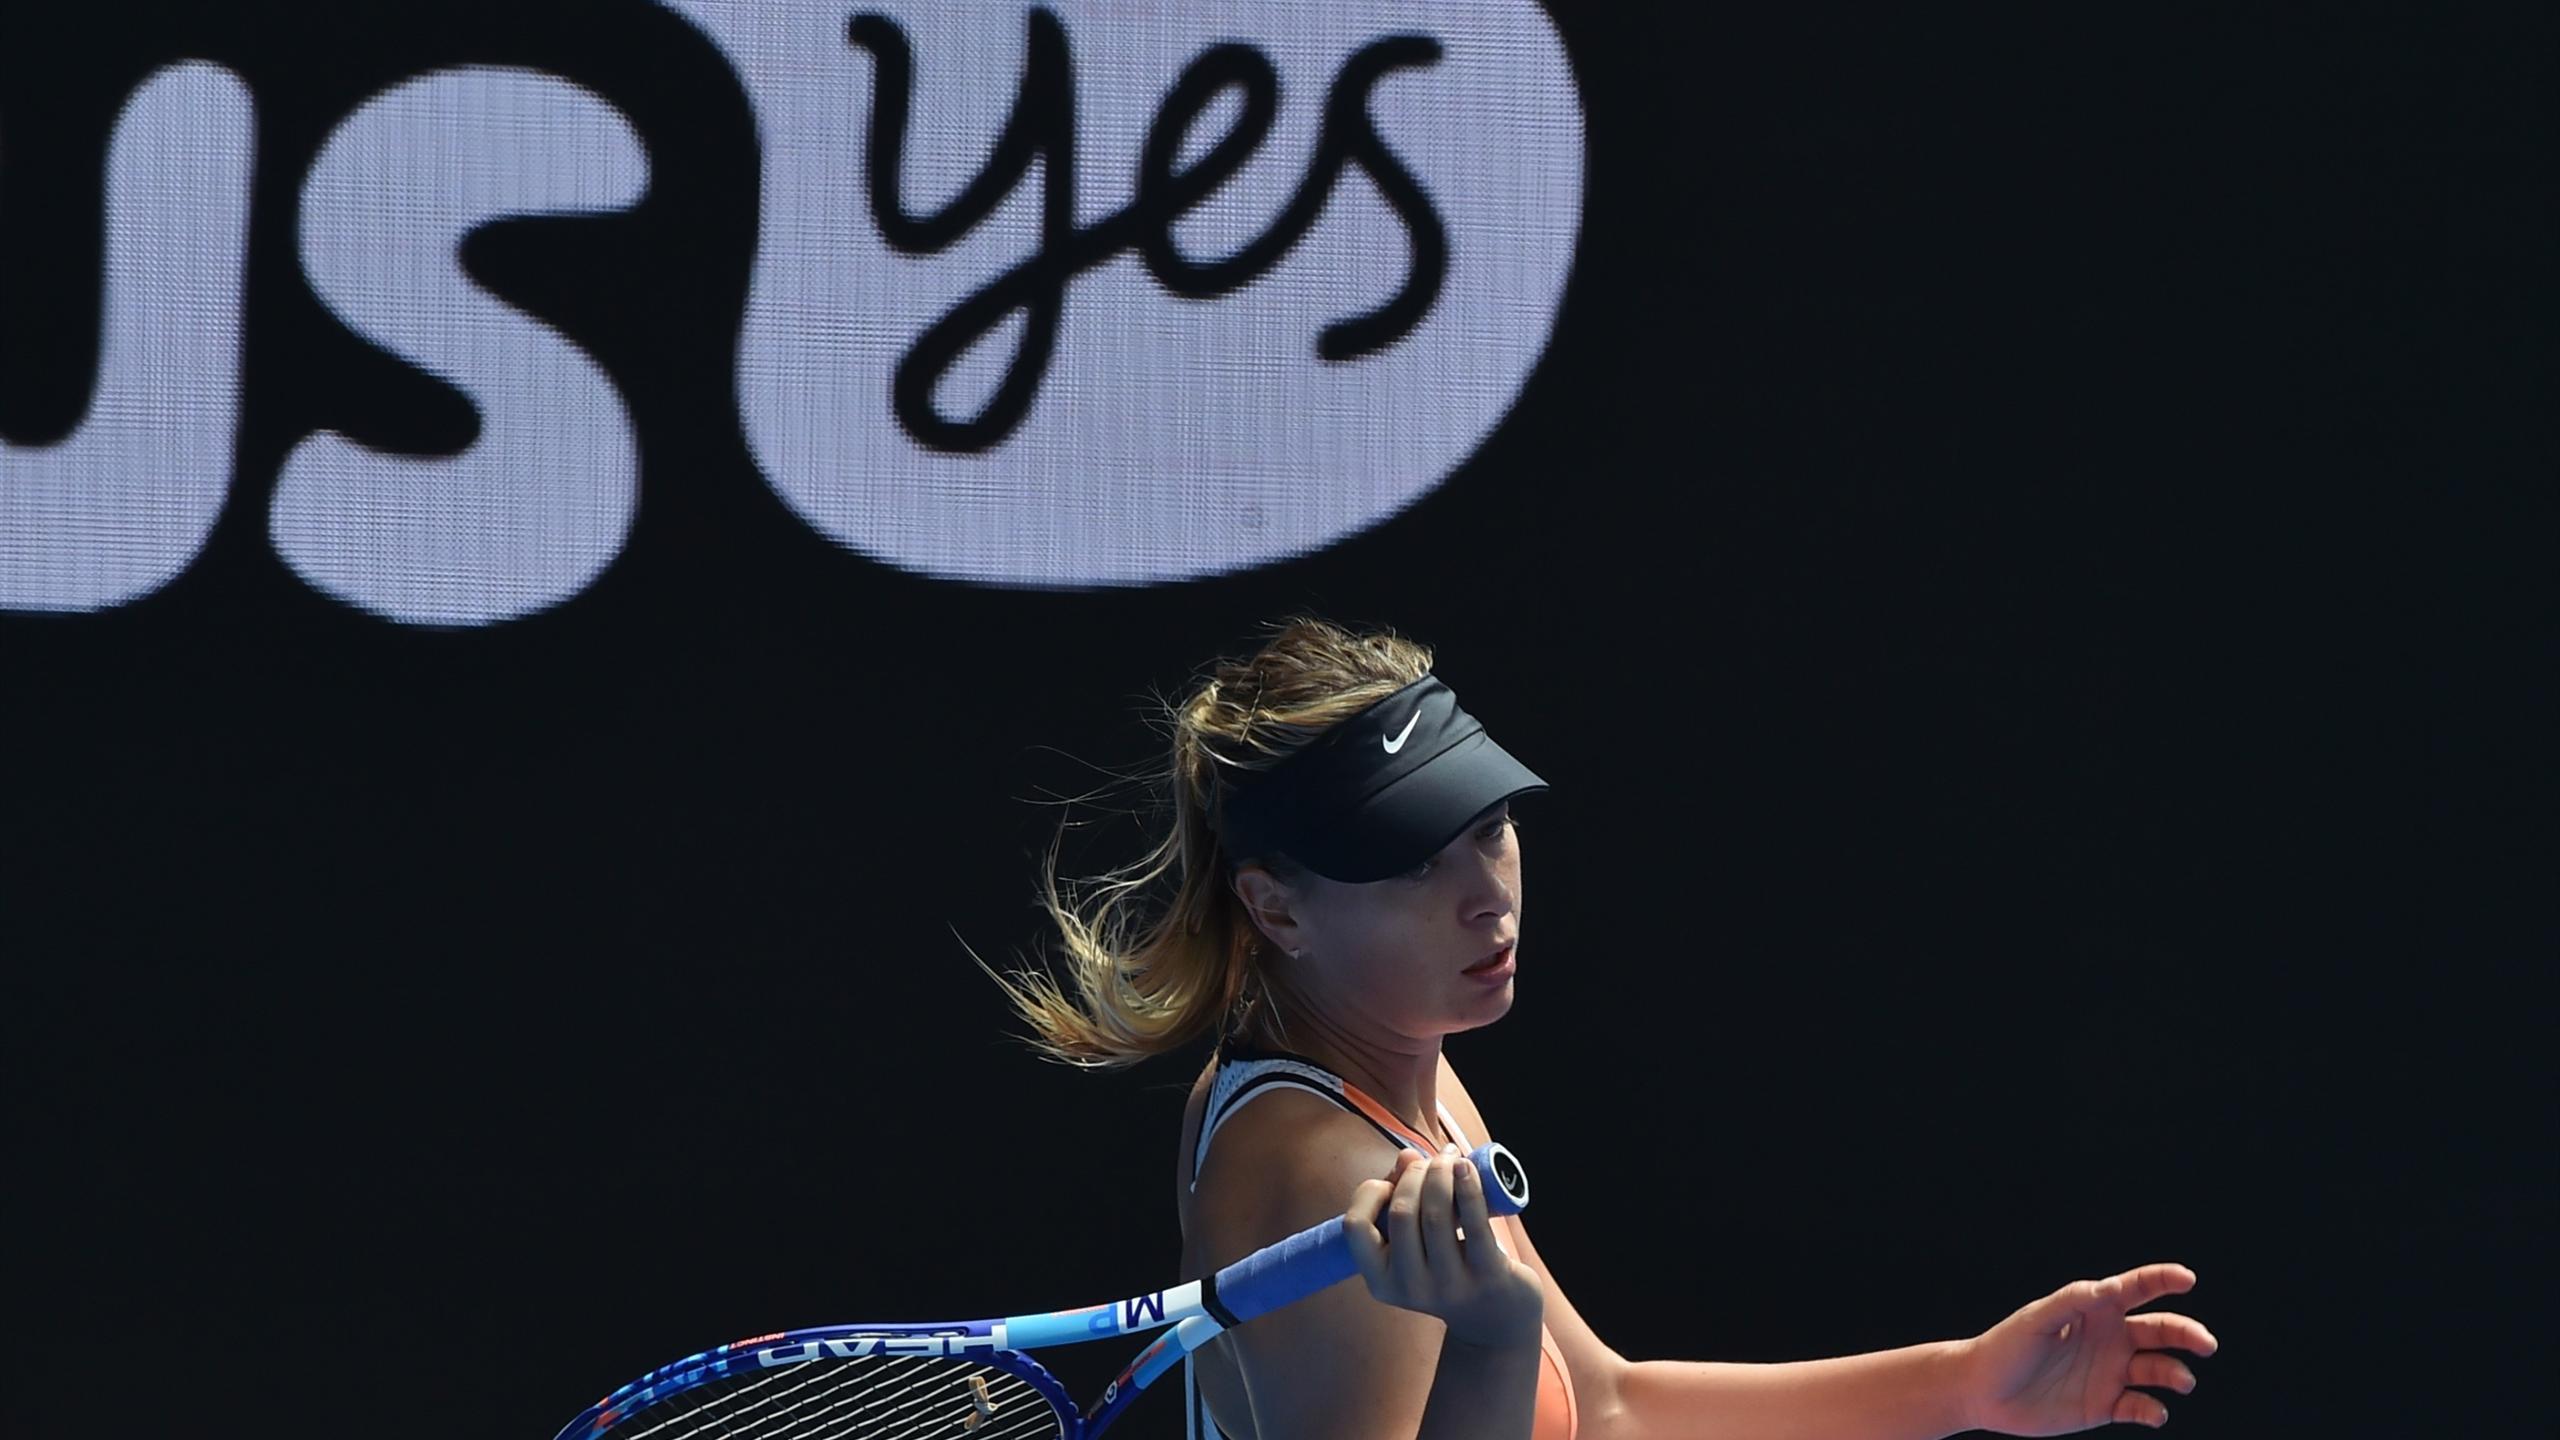 Maria Sharapova lors de l'Open d'Australie 2016